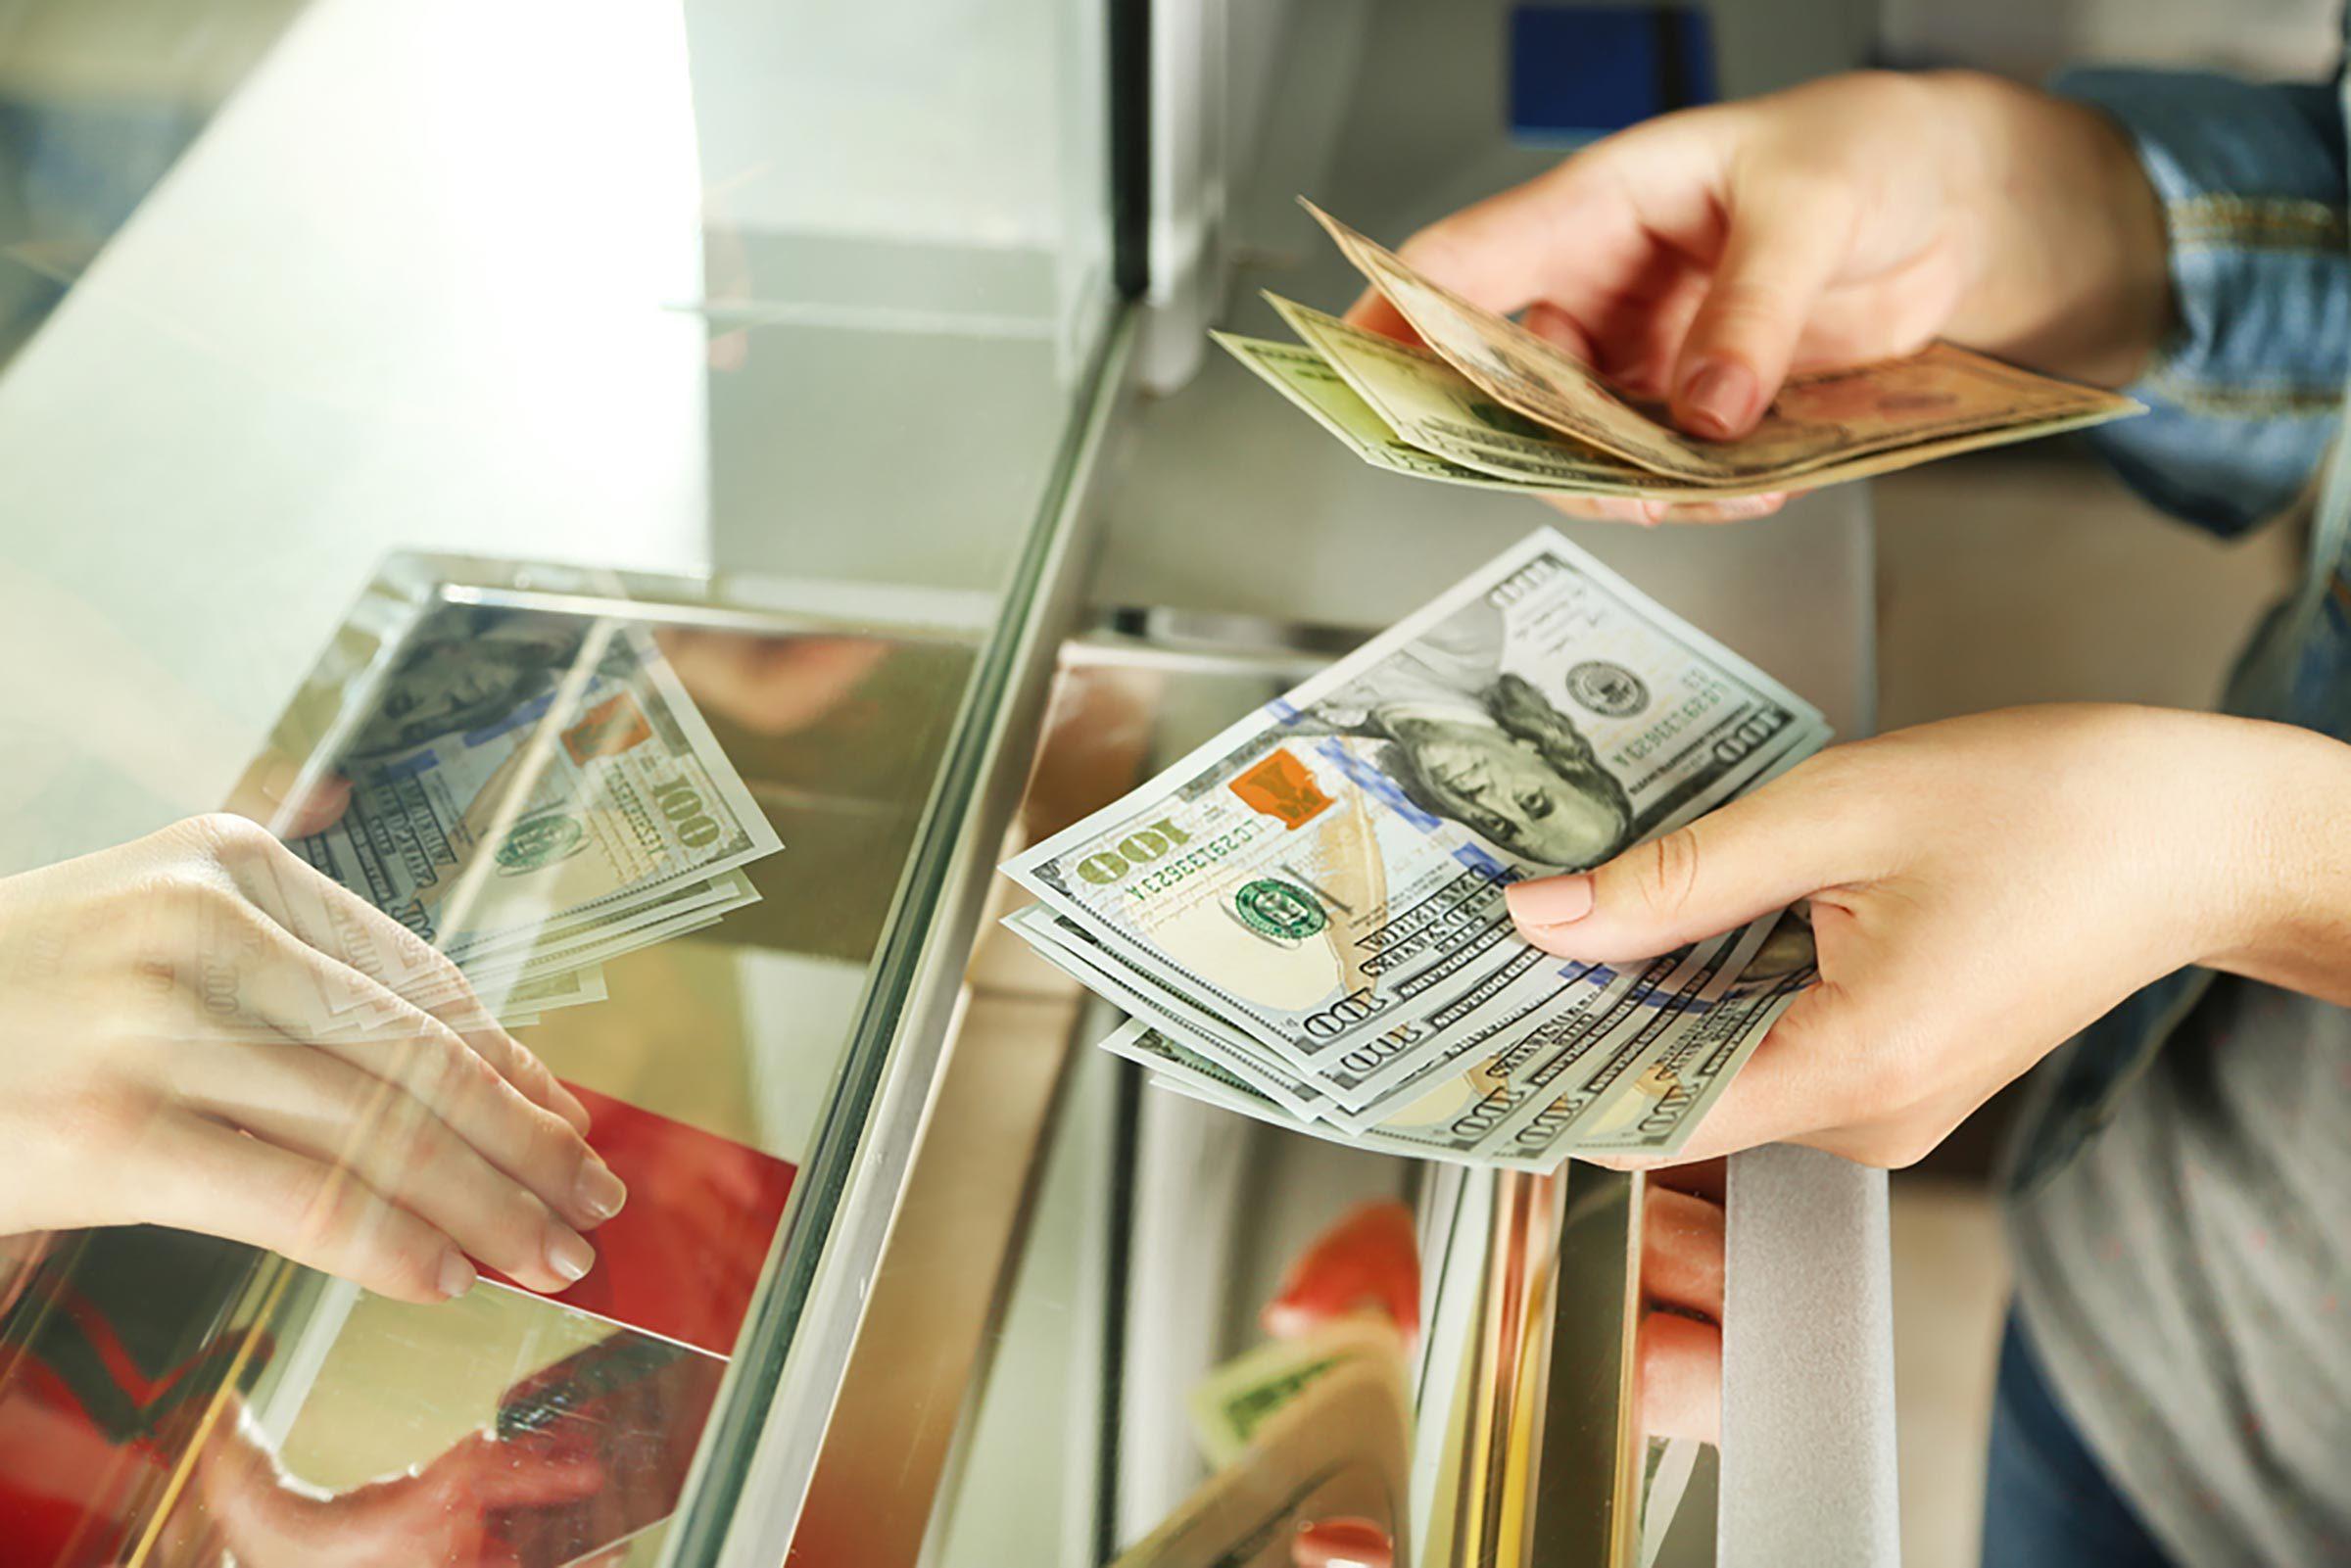 Voyage: procurez-vous de l'argent local aussi rapidement que possible